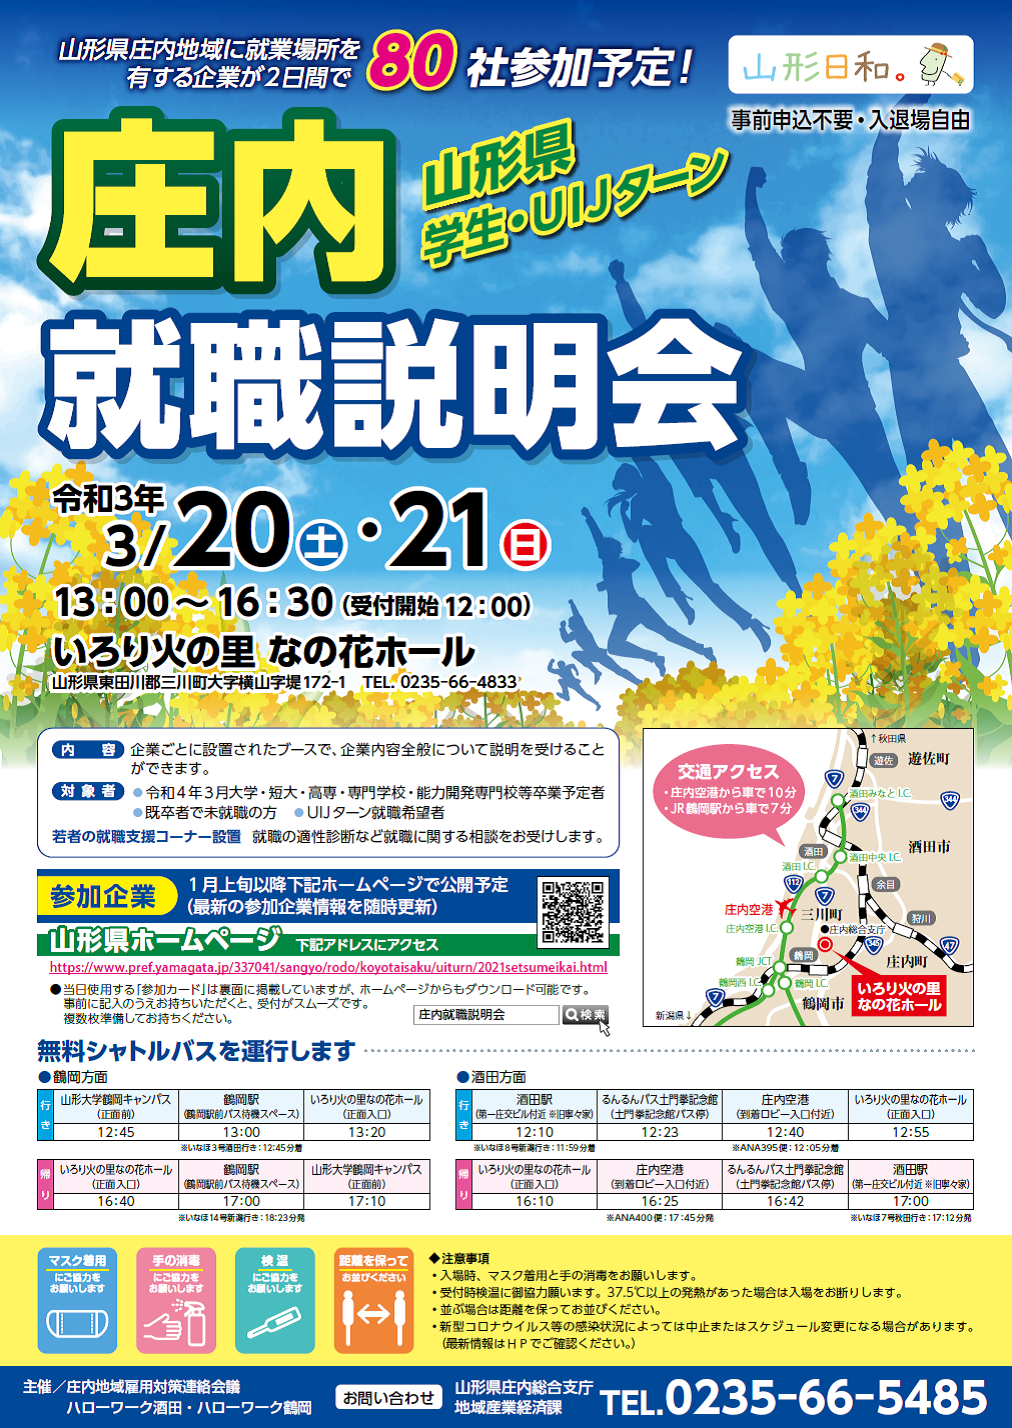 (3月20~21日・対面開催)学生・UIJターン庄内就職説明会